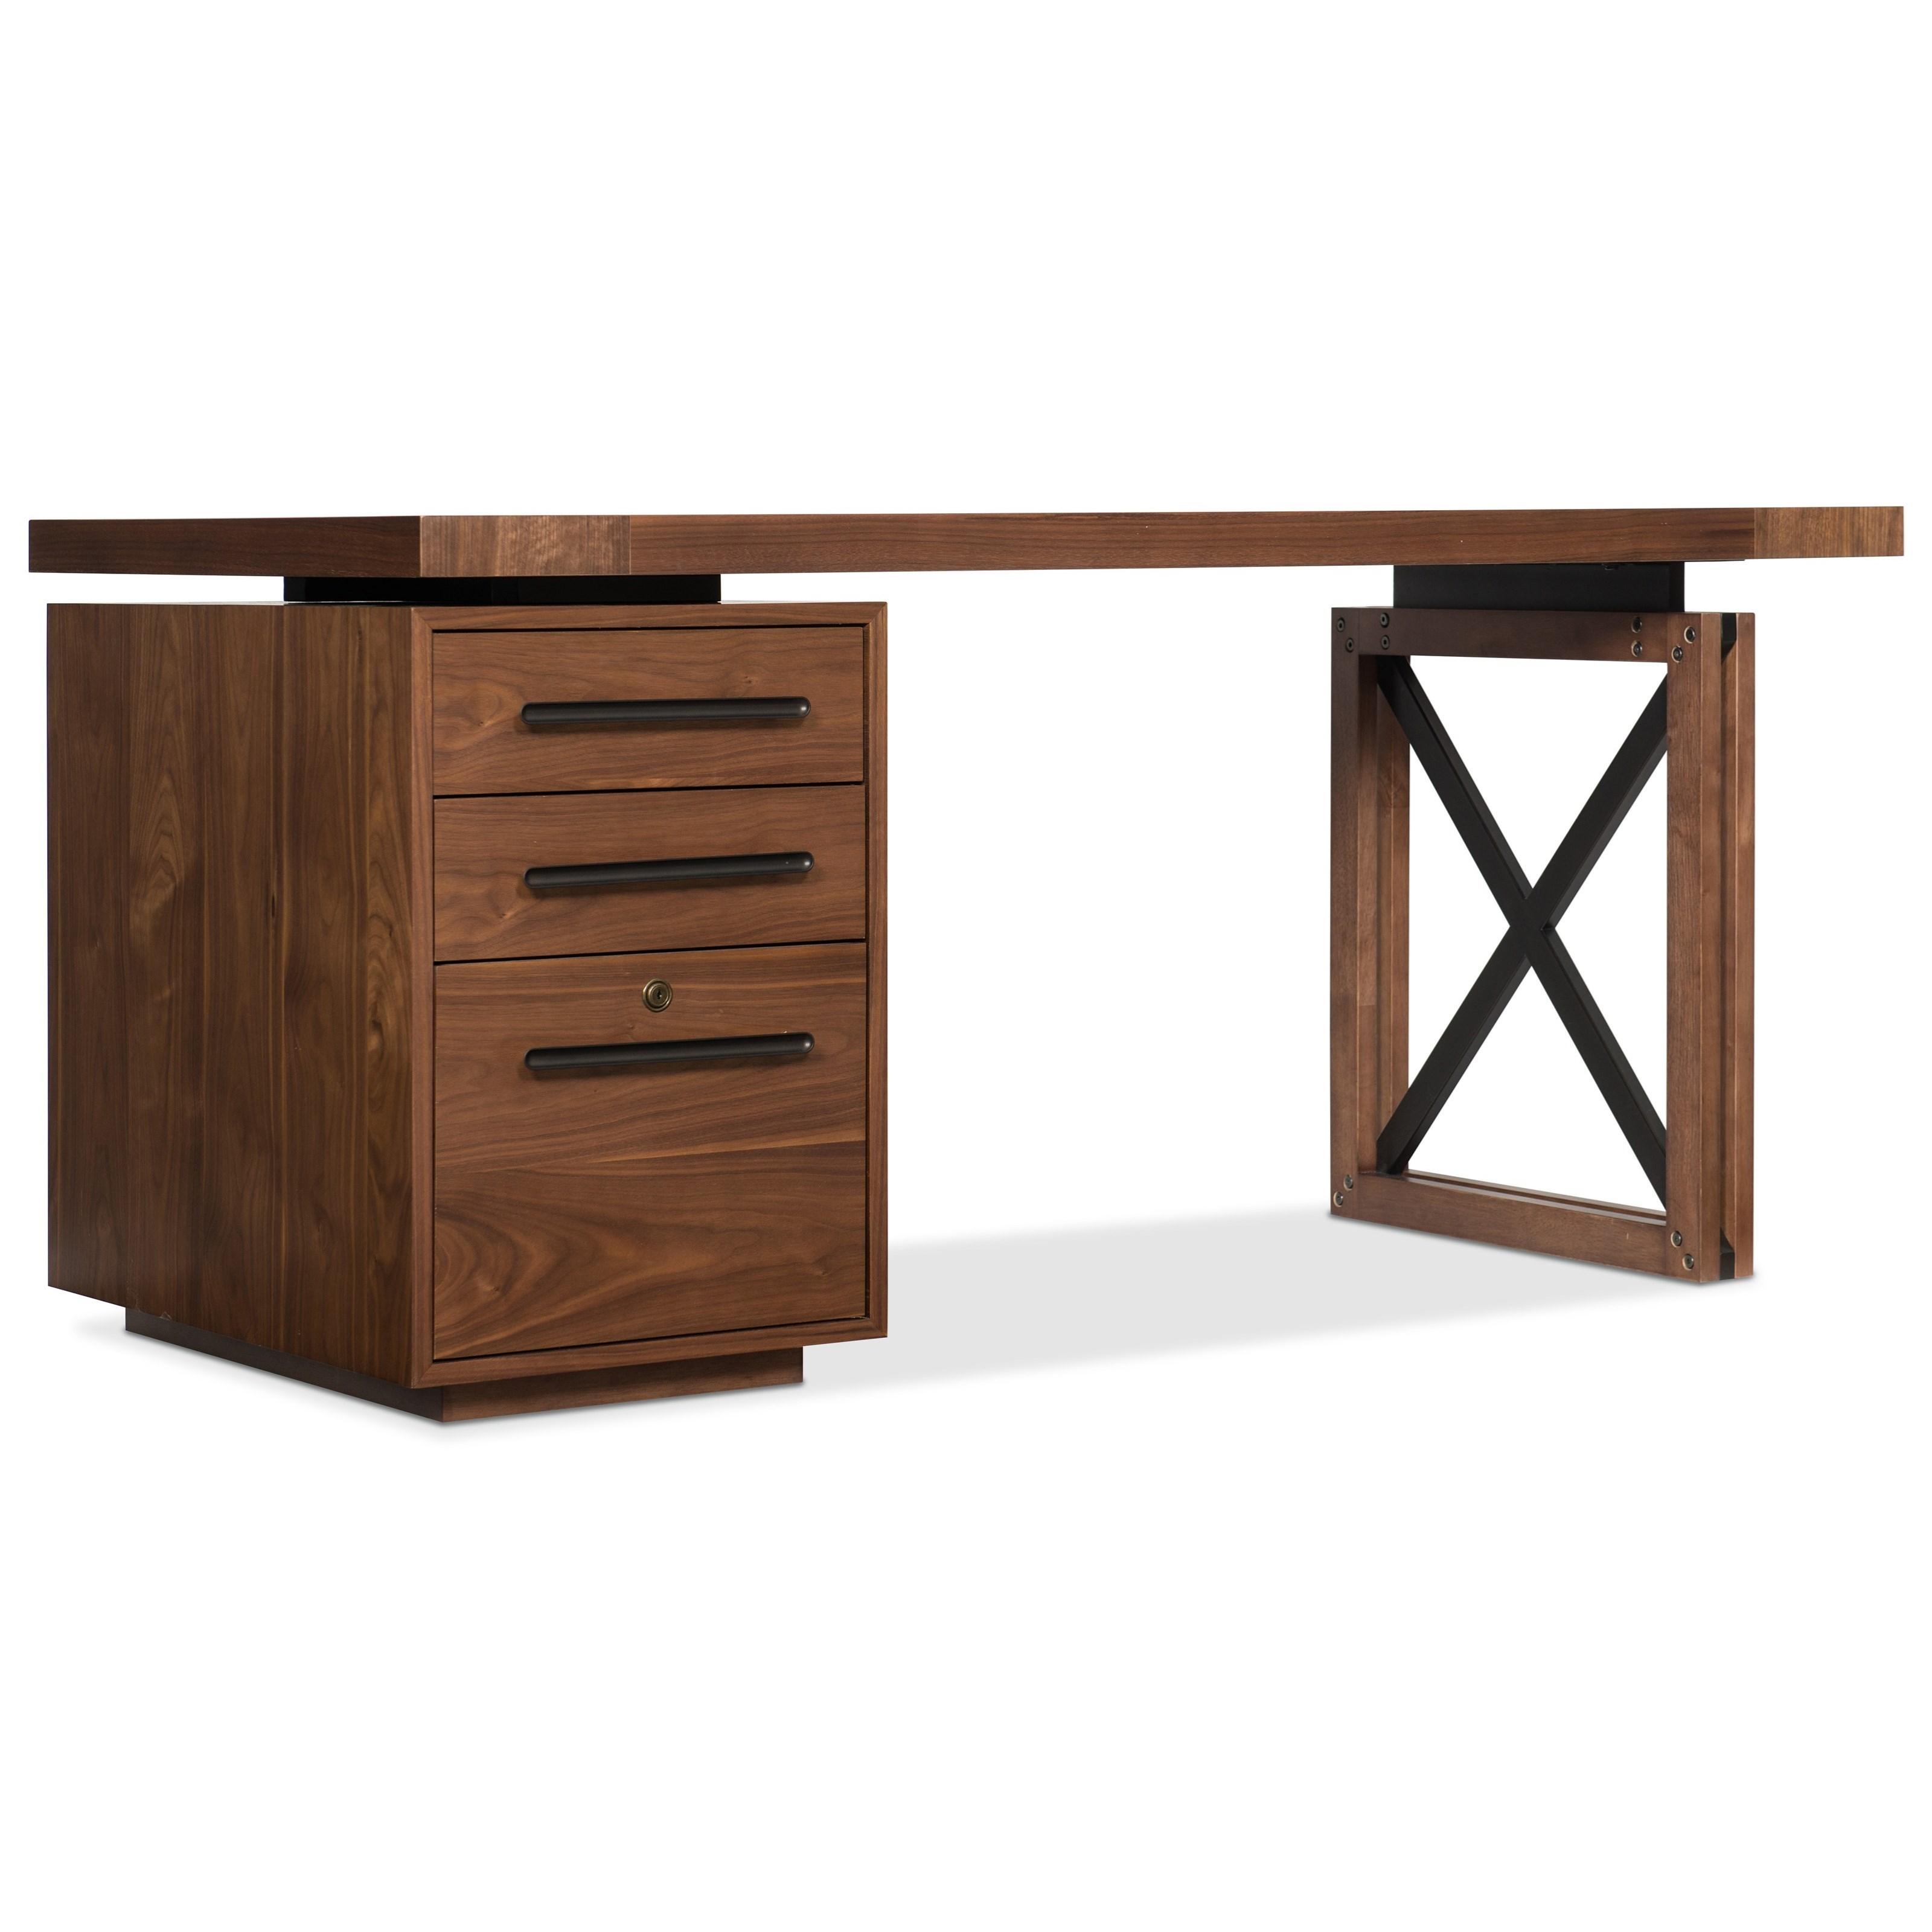 Elon Single Pedestal Desk by Hooker Furniture at Miller Waldrop Furniture and Decor